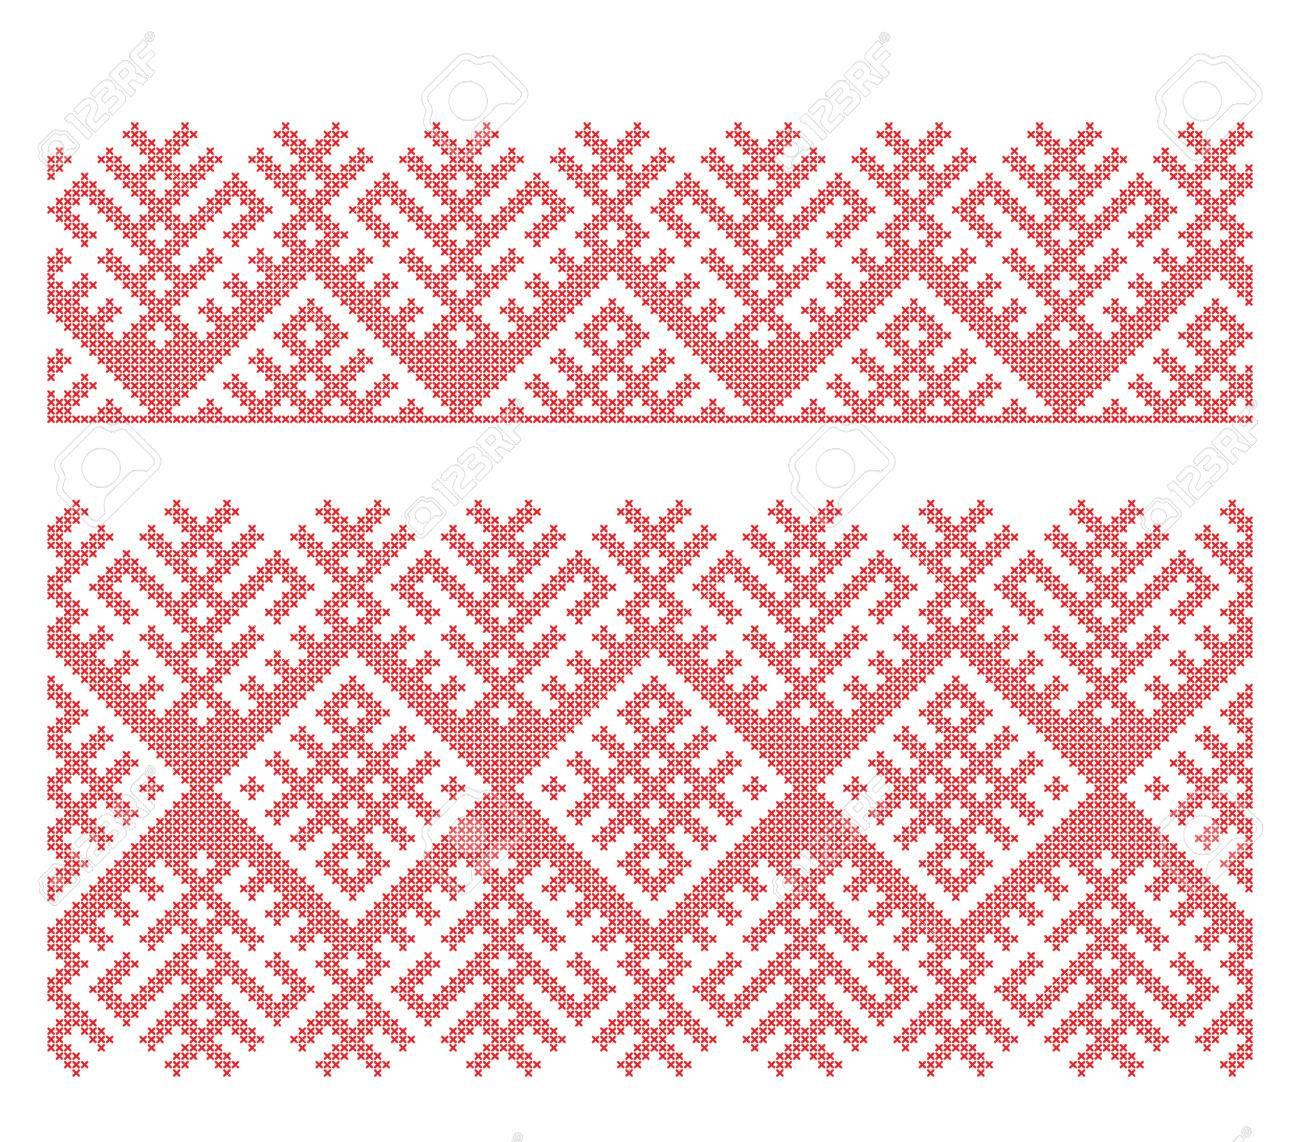 Seamless Russian folk patterns, cross-stitched embroidery imitation